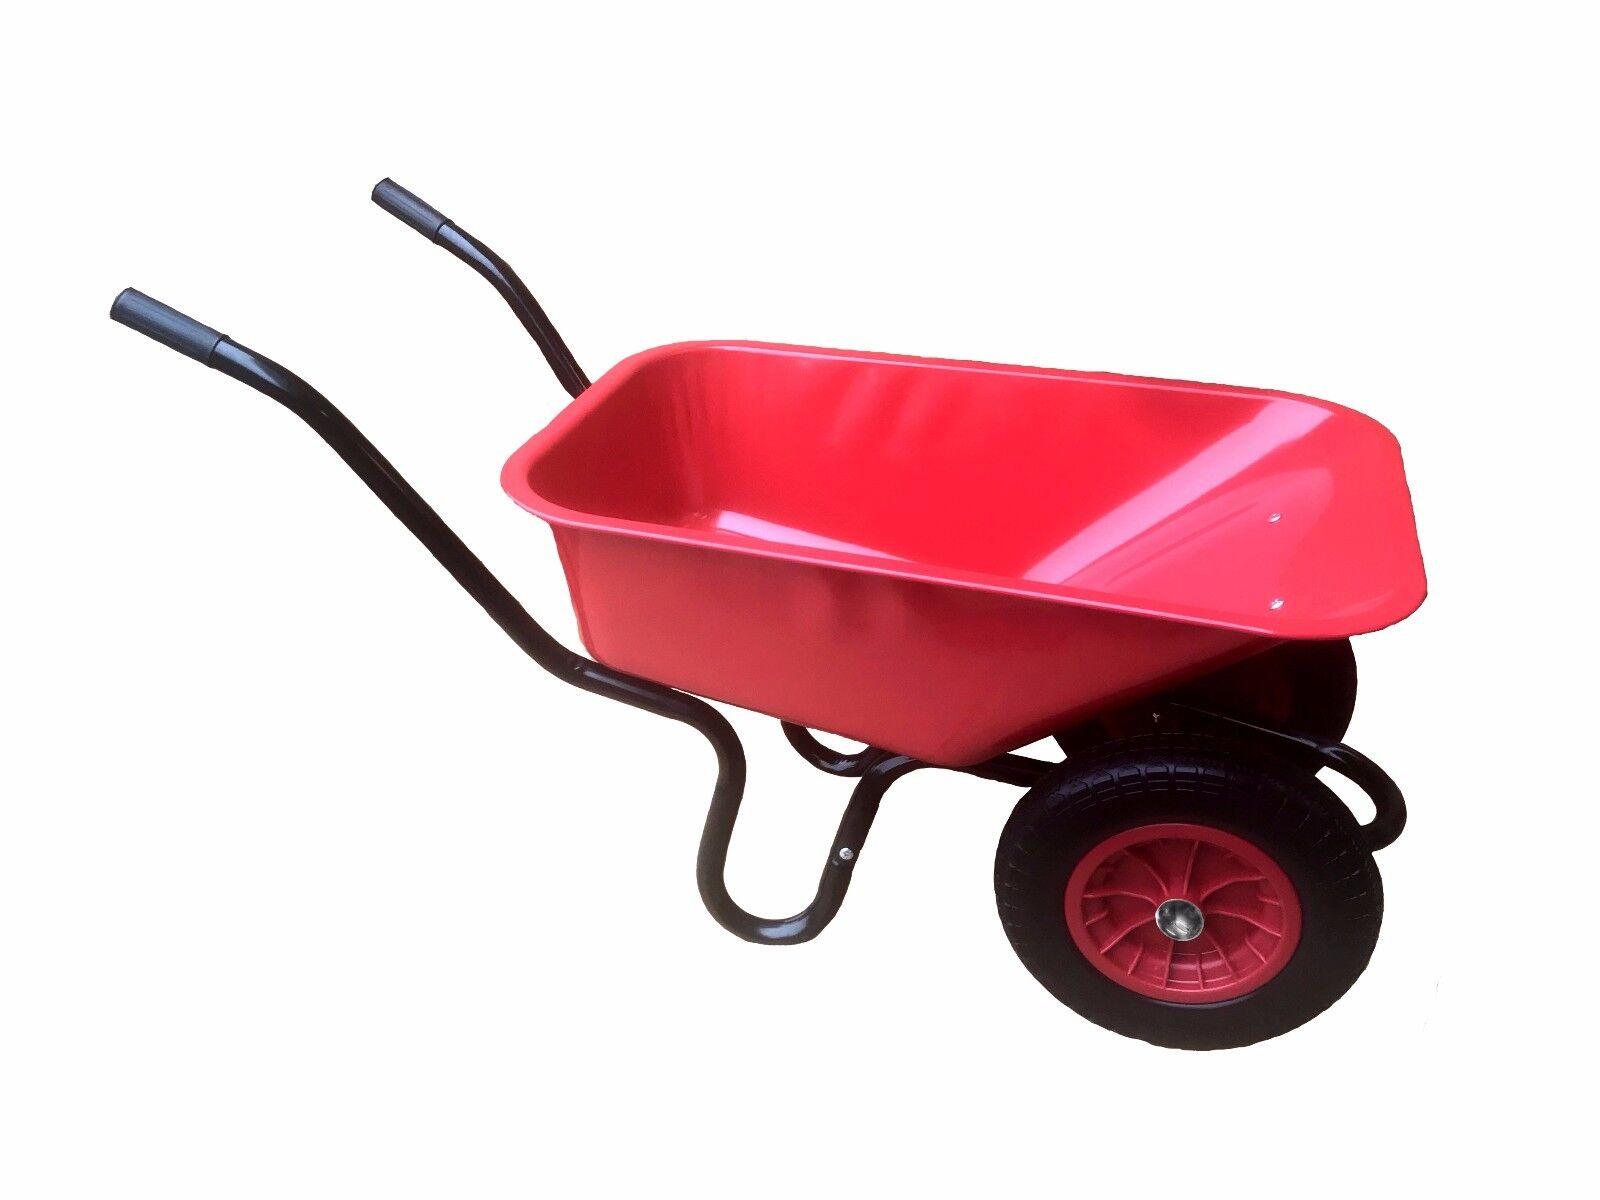 110L doppio autoRIOLAcon ruota pneumatica e corpo in mettuttio rosso autoRIOLA